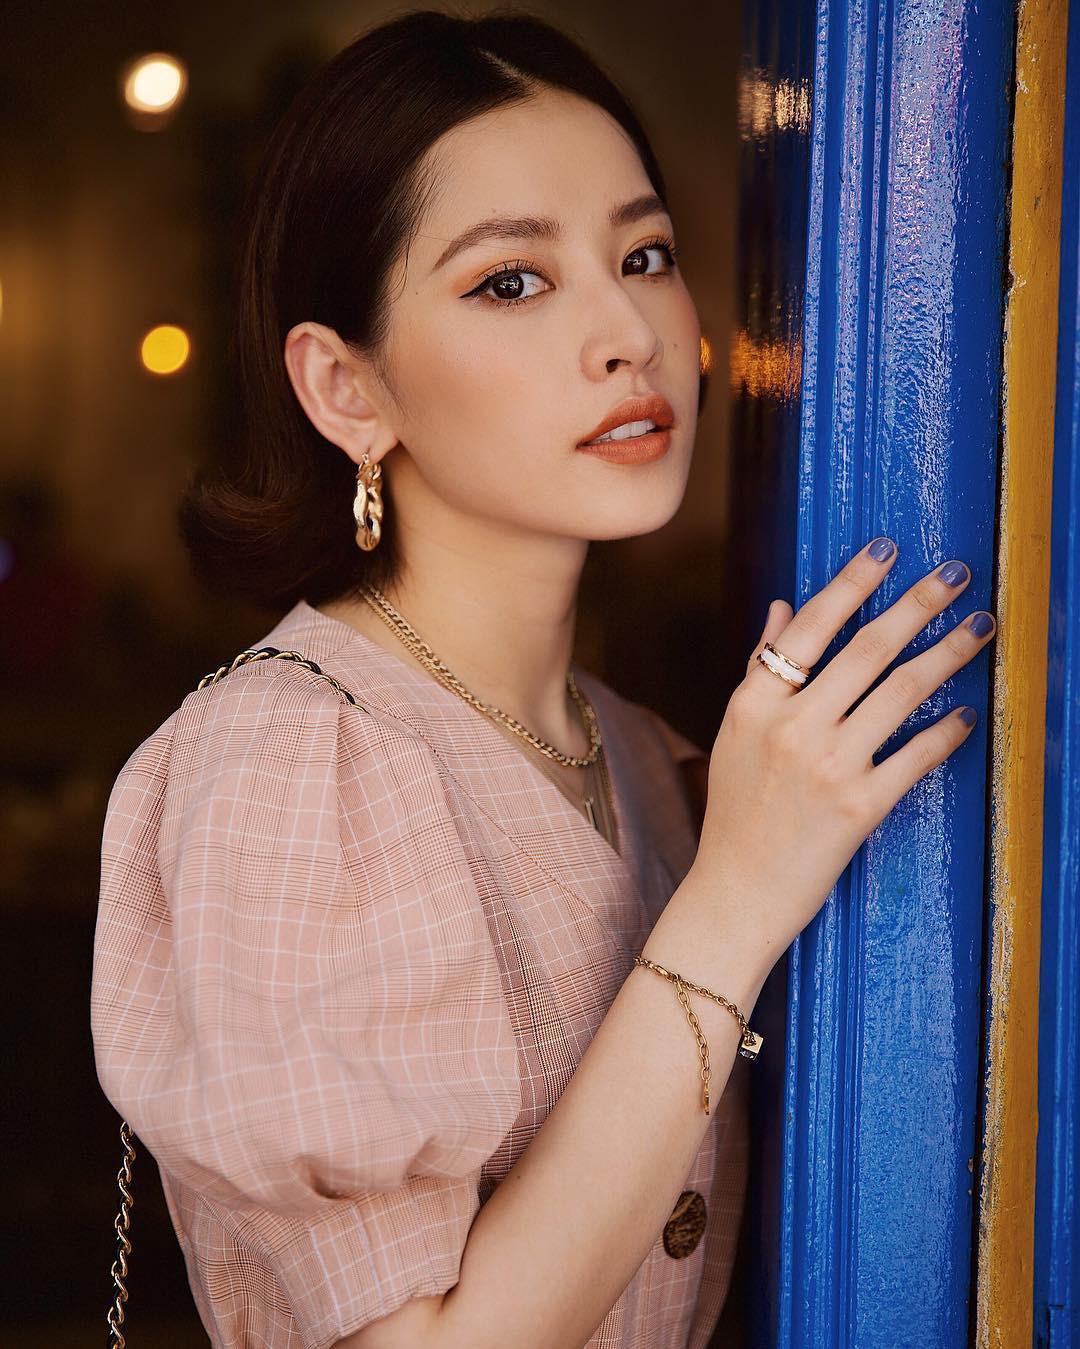 Đây là kiểu makeup Chi Pu đang mê tít và cũng là gợi ý makeup hoàn hảo cho mùa hè - Ảnh 1.